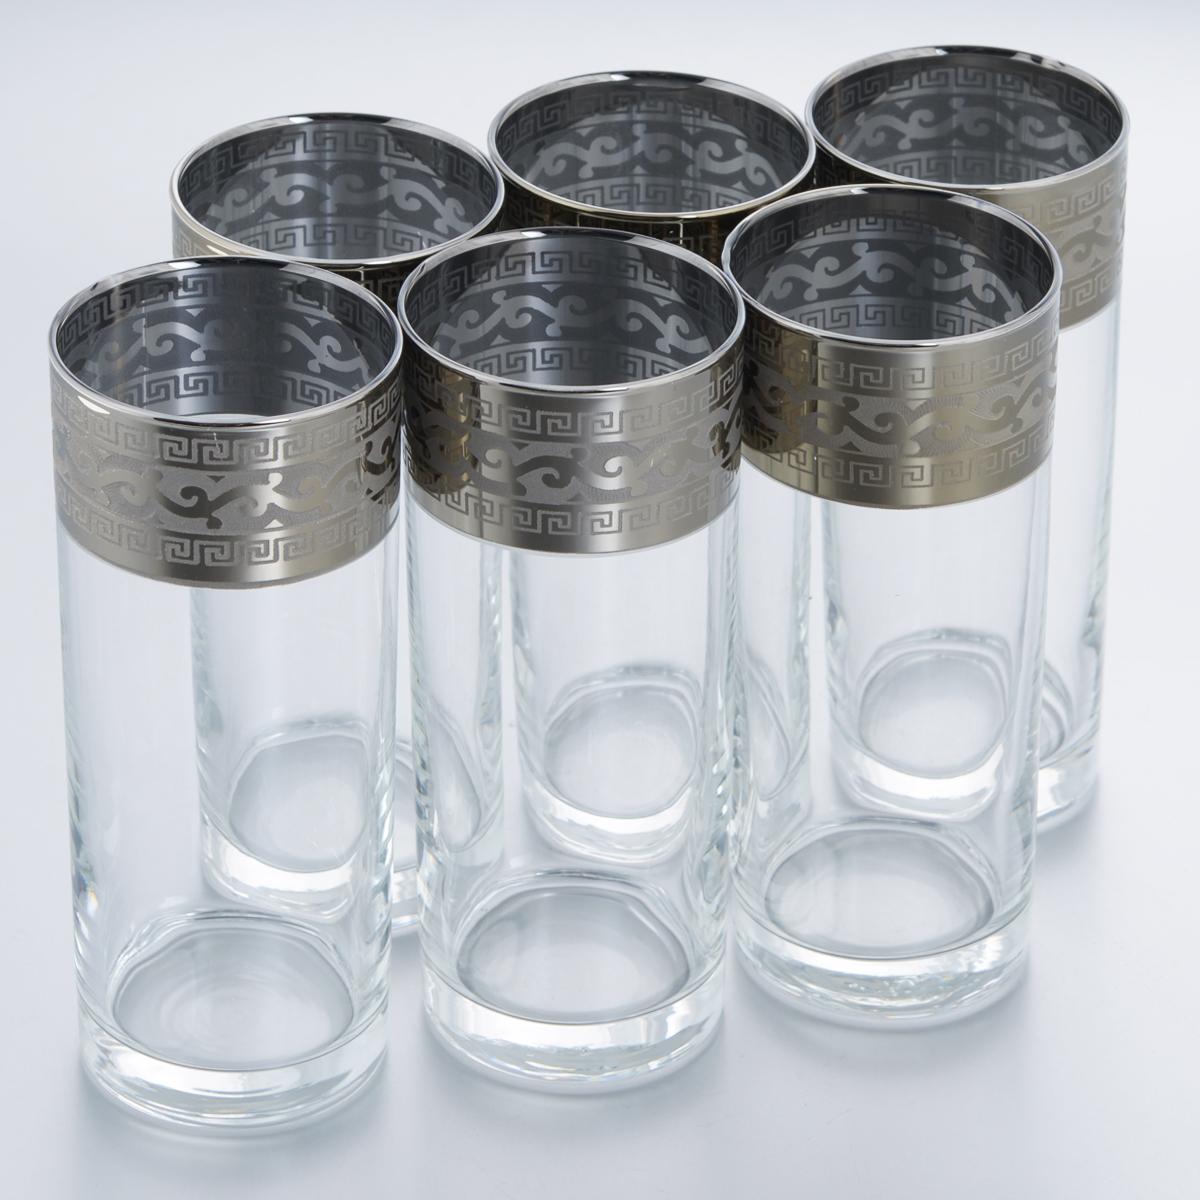 Набор стаканов для сока Гусь-Хрустальный Версаче, 350 мл, 6 штVT-1520(SR)Набор Гусь-Хрустальный Версаче состоит из 6 высоких стаканов, изготовленных из высококачественного натрий-кальций-силикатного стекла. Изделия оформлены красивым зеркальным покрытием и широкой окантовкой с оригинальным узором. Стаканы предназначены для подачи сока, а также воды и коктейлей. Такой набор прекрасно дополнит праздничный стол и станет желанным подарком в любом доме. Разрешается мыть в посудомоечной машине. Диаметр стакана (по верхнему краю): 6,3 см. Высота стакана: 15,7 см.Уважаемые клиенты! Обращаем ваше внимание на незначительные изменения в дизайне товара, допускаемые производителем. Поставка осуществляется в зависимости от наличия на складе.